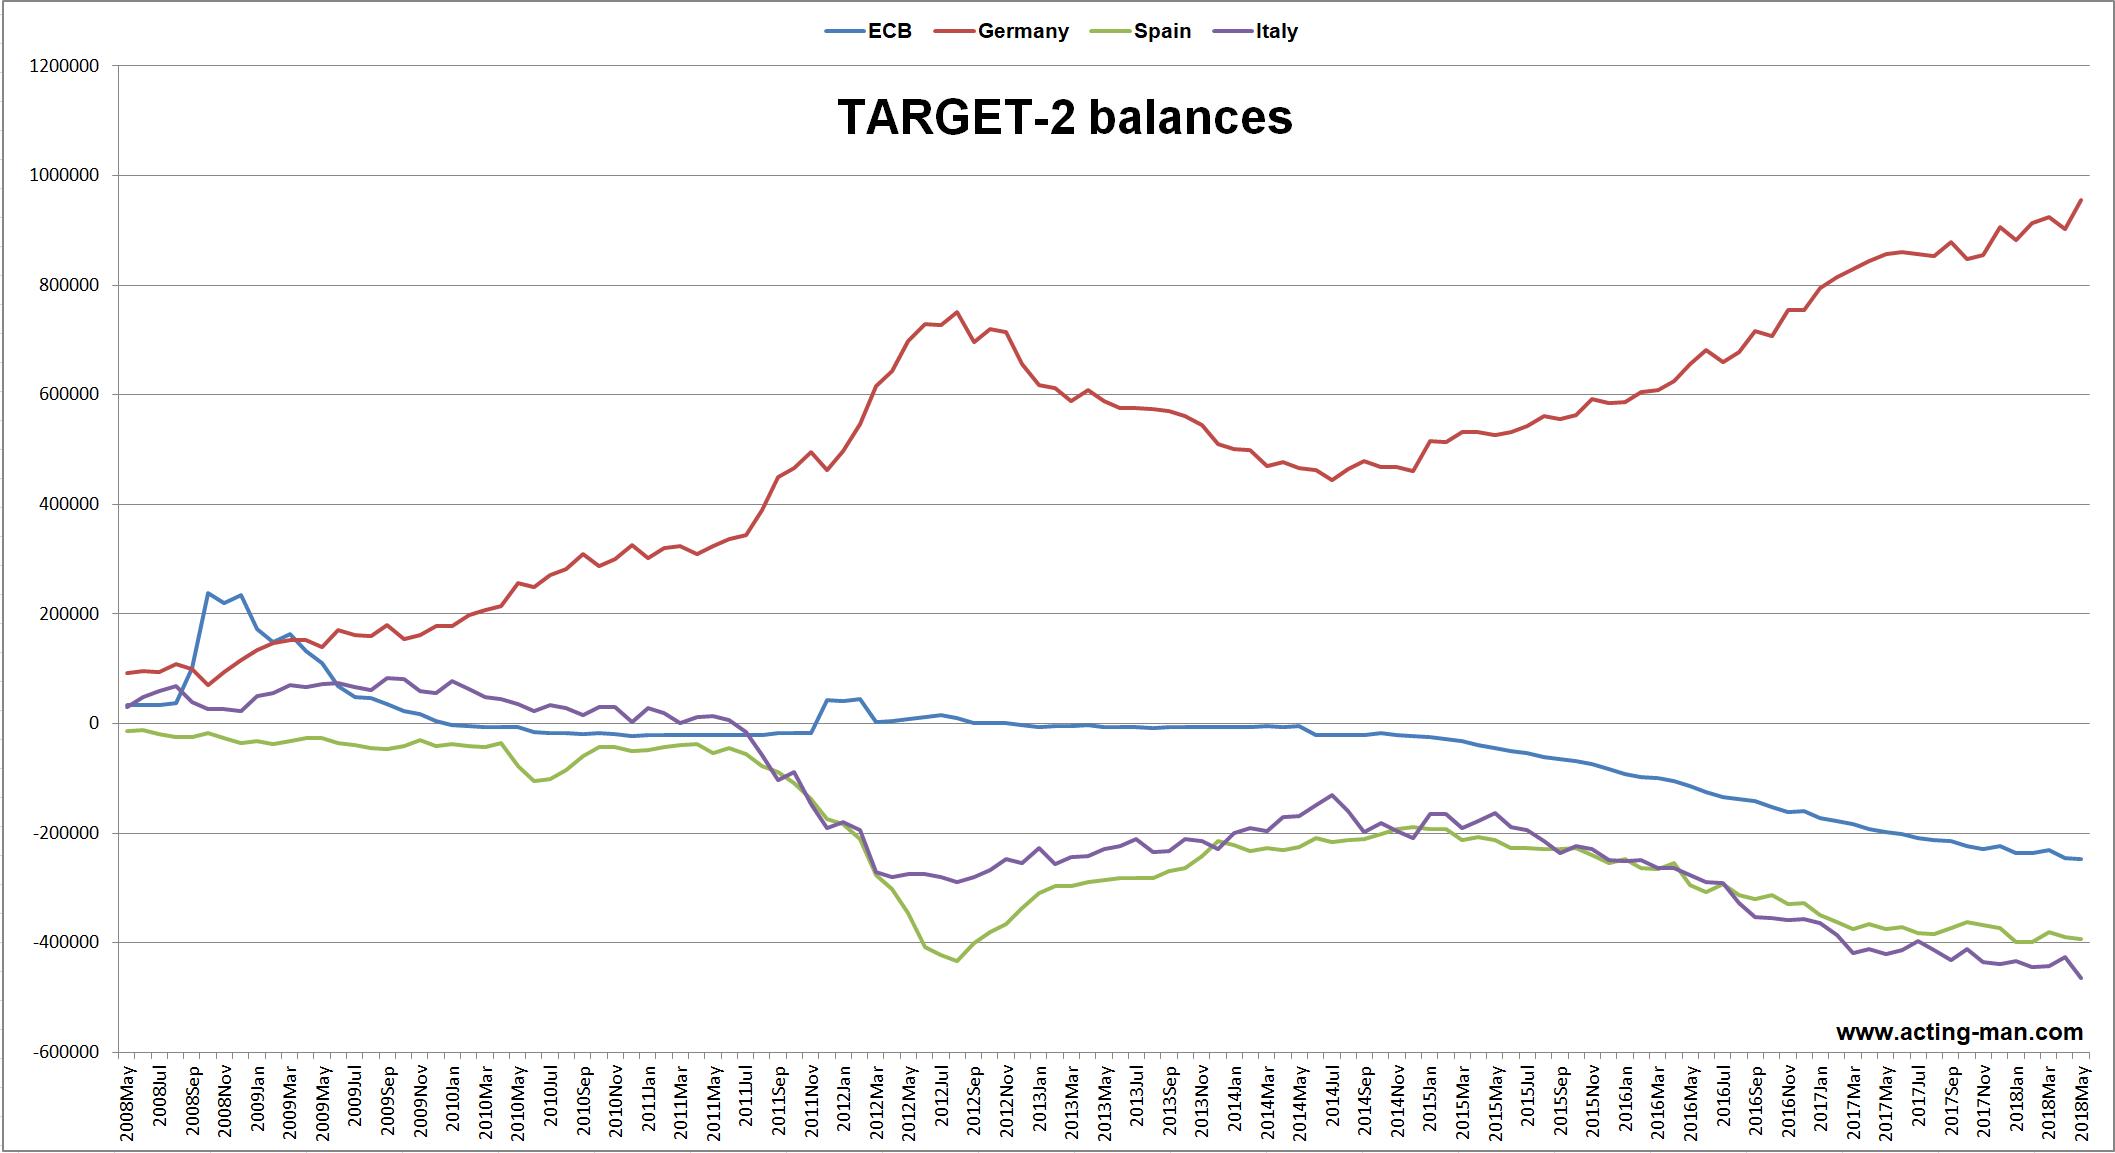 TARGET 2 Balances euro system until May 31